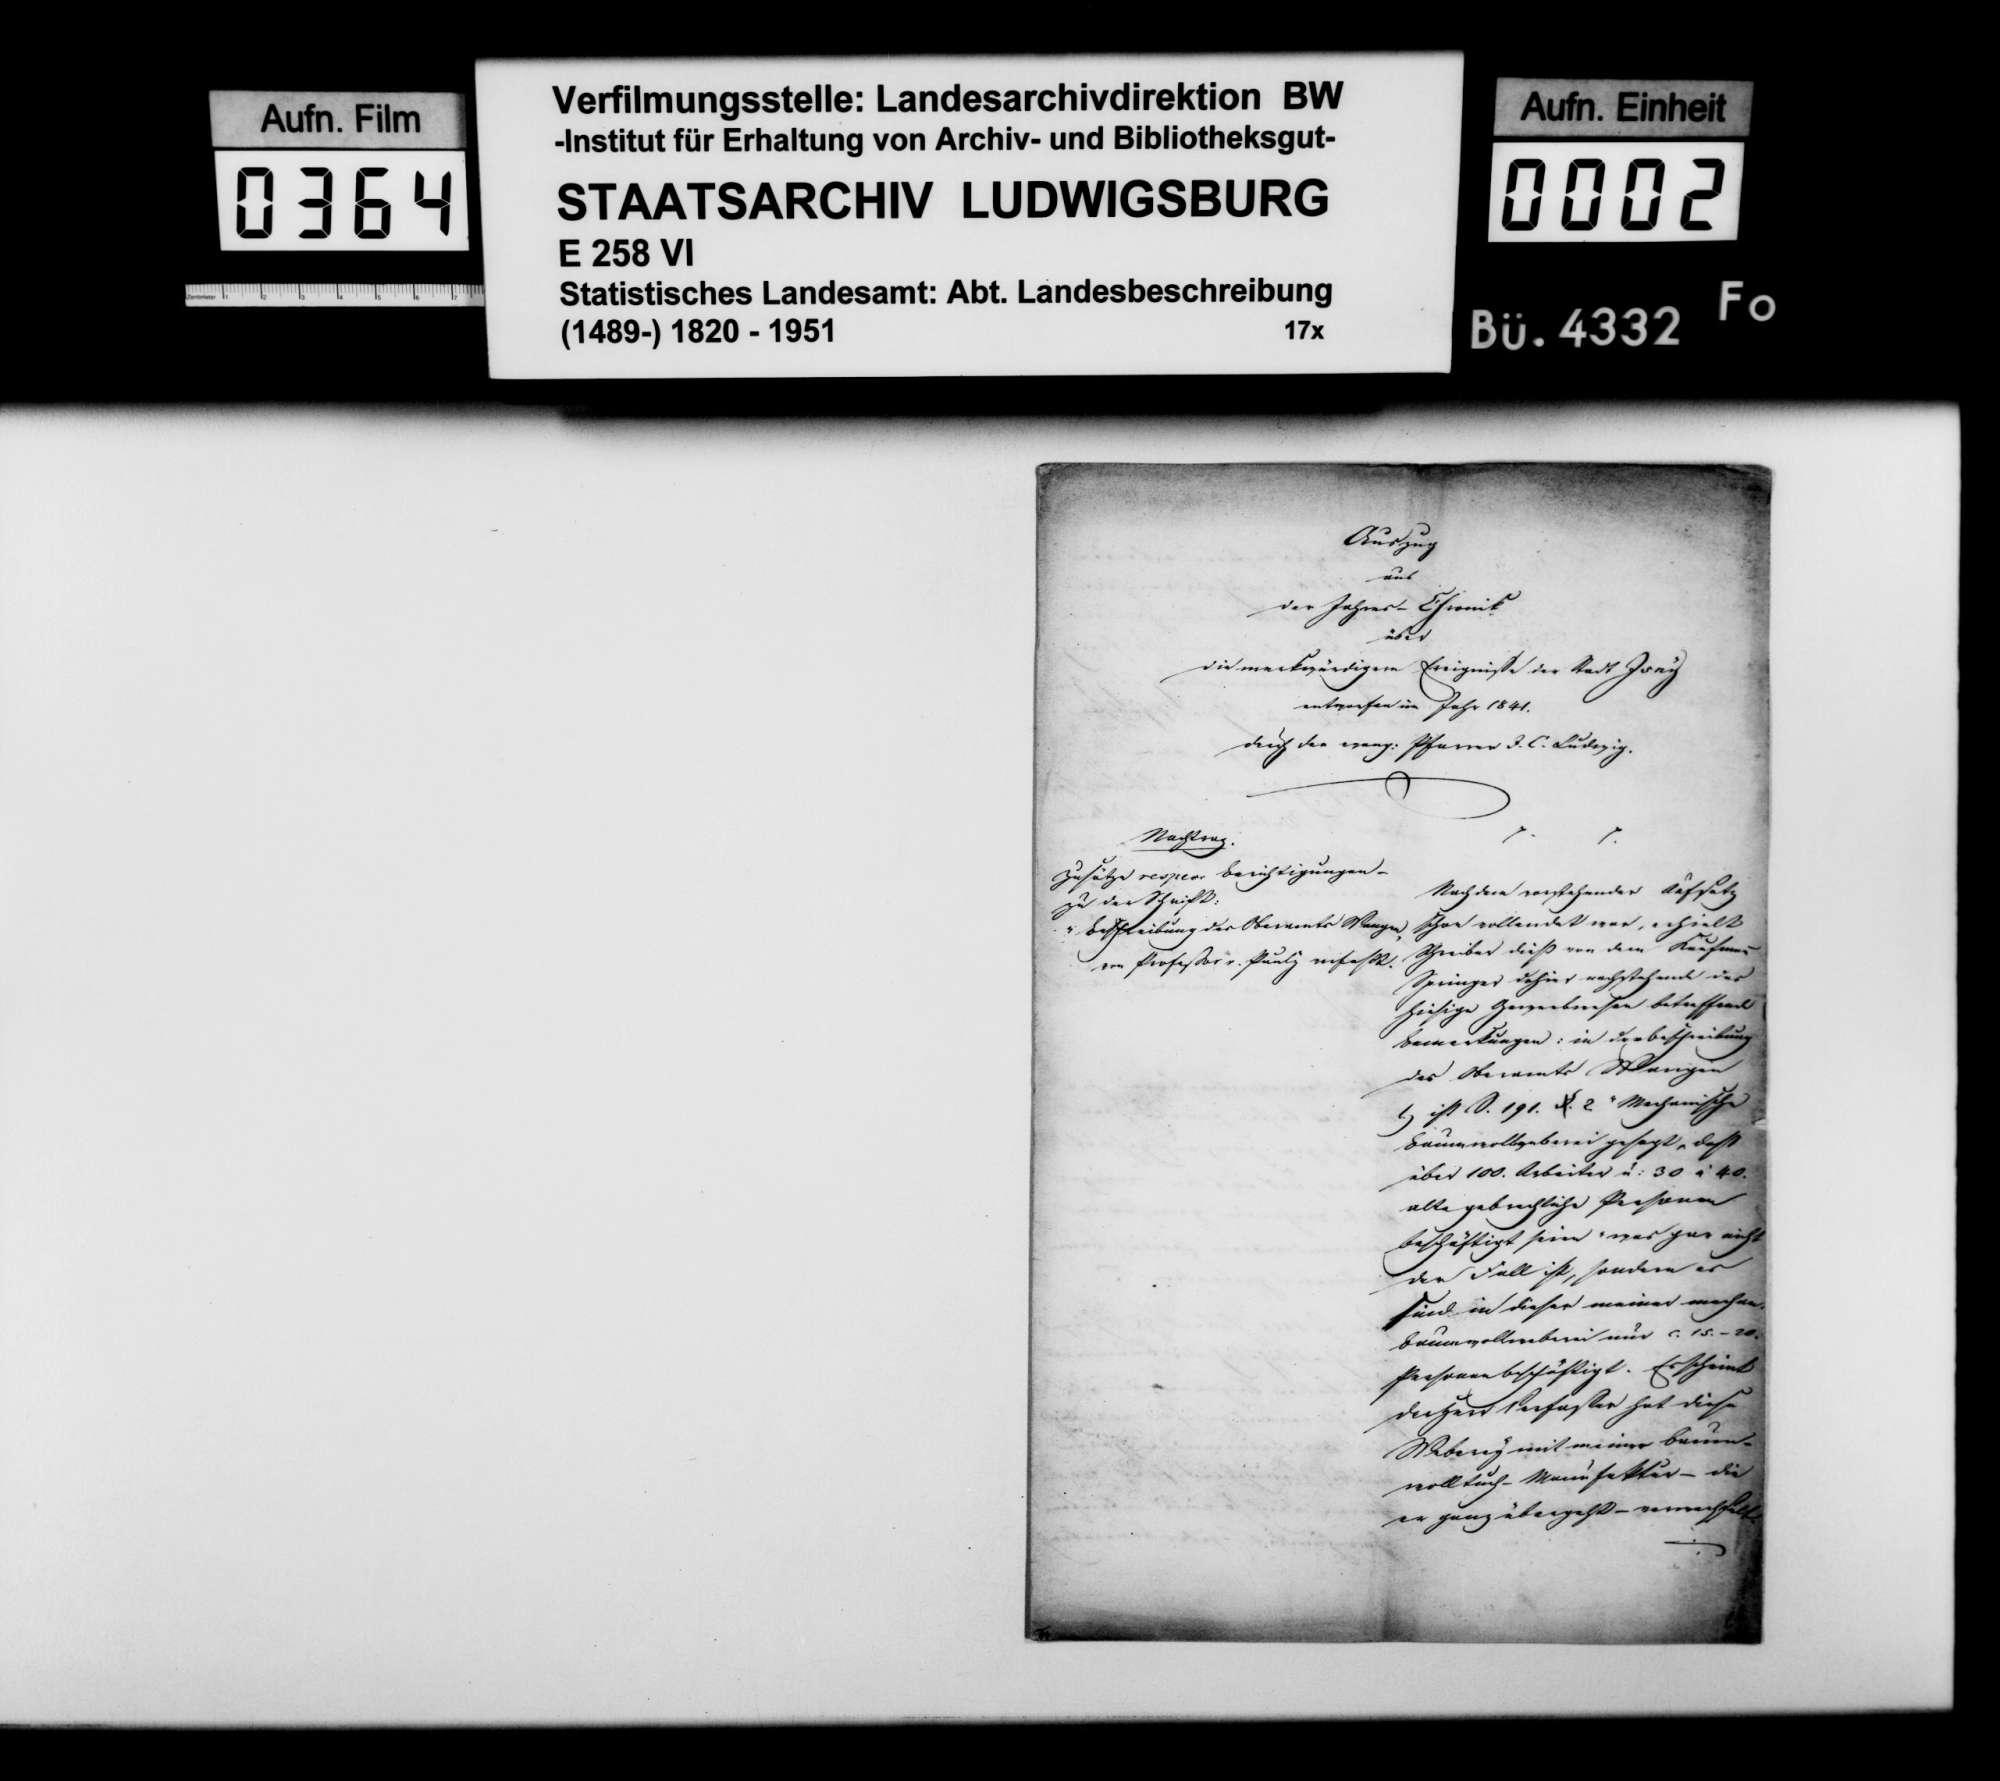 Übermittlung von Beanstandungen des Kaufmanns [Christoph] Springer aus Isny zu den Seiten 191f der OAB durch Pfarrer J.C. Ludwig, Bild 1